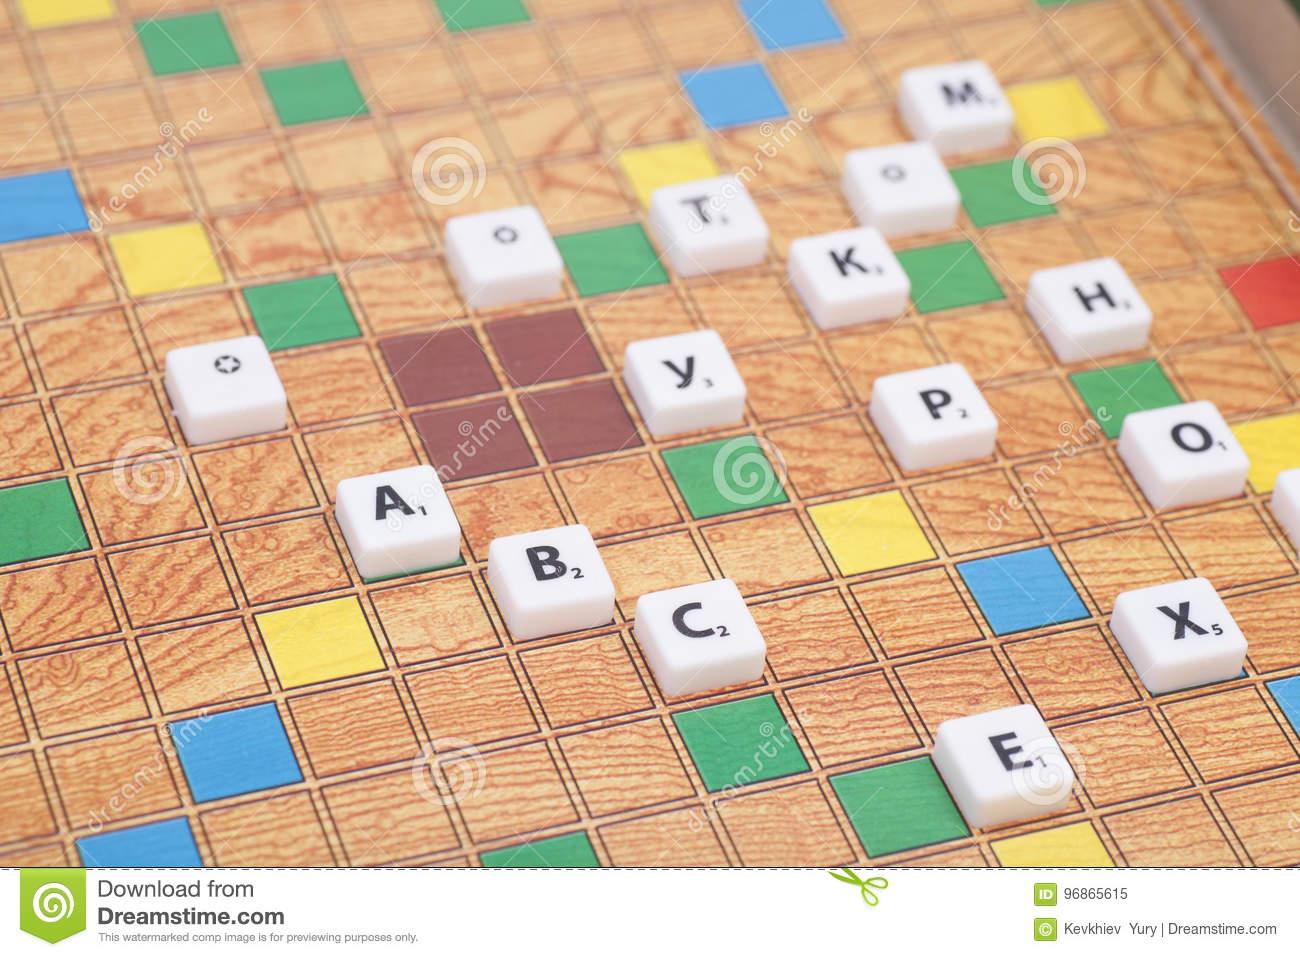 Jeu De Société Avec Les Lettres Et Les Nombres Image Stock encequiconcerne Jeu De Société Avec Des Lettres